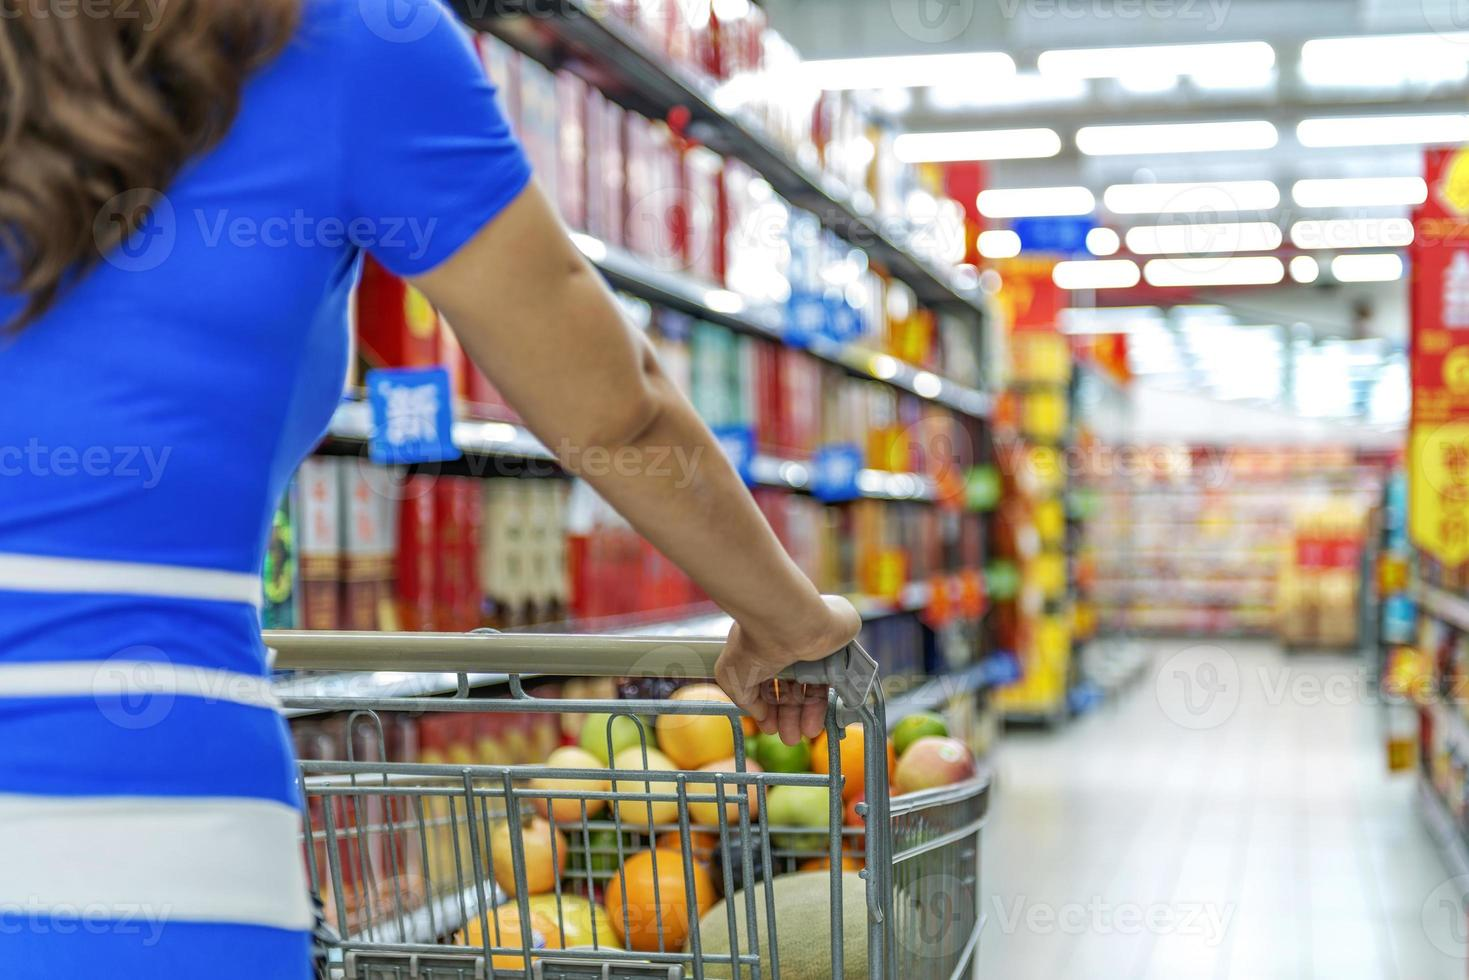 Señora empujando un carrito de compras en el supermercado. foto